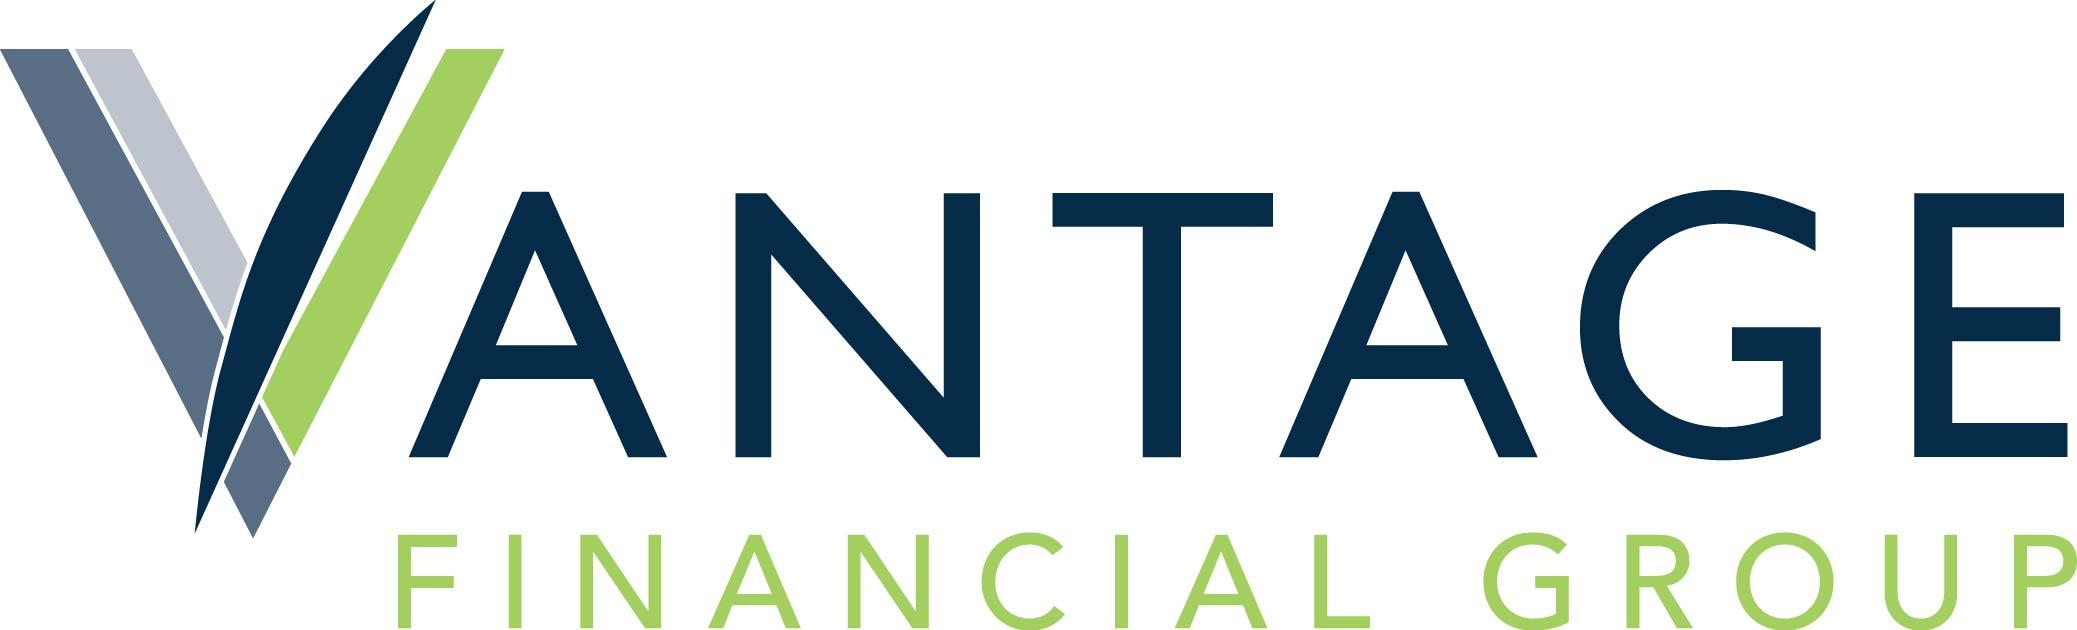 media/Vantage Financial Group.jpg